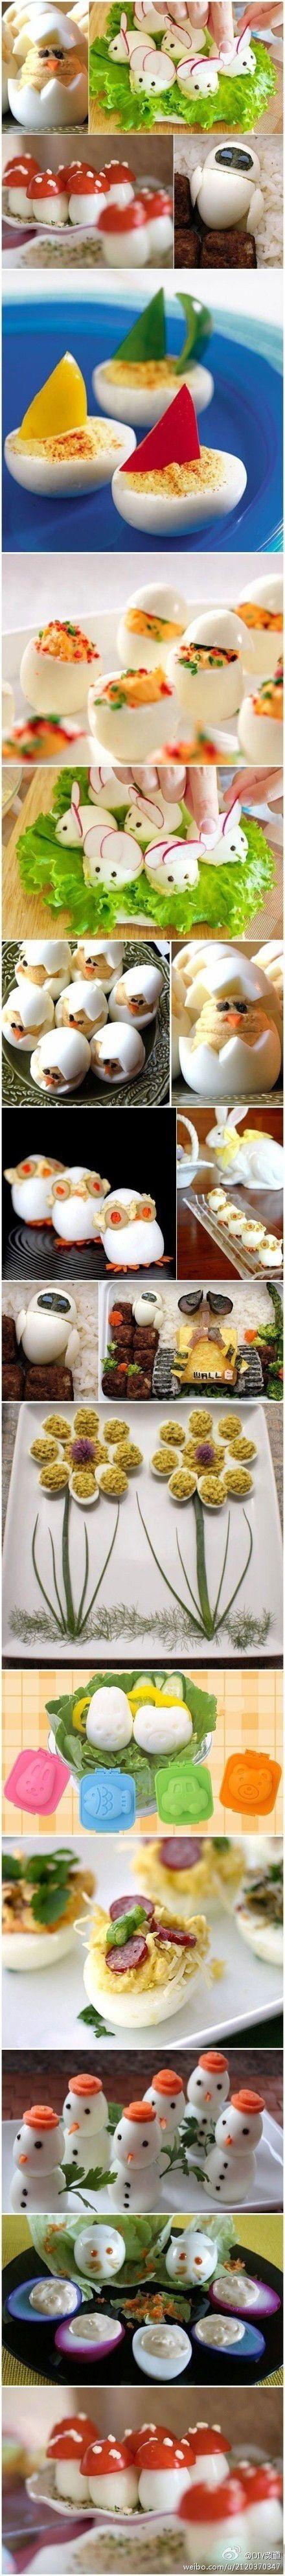 les oeufs en folie, supers décors à base d'oeufs pour les salades